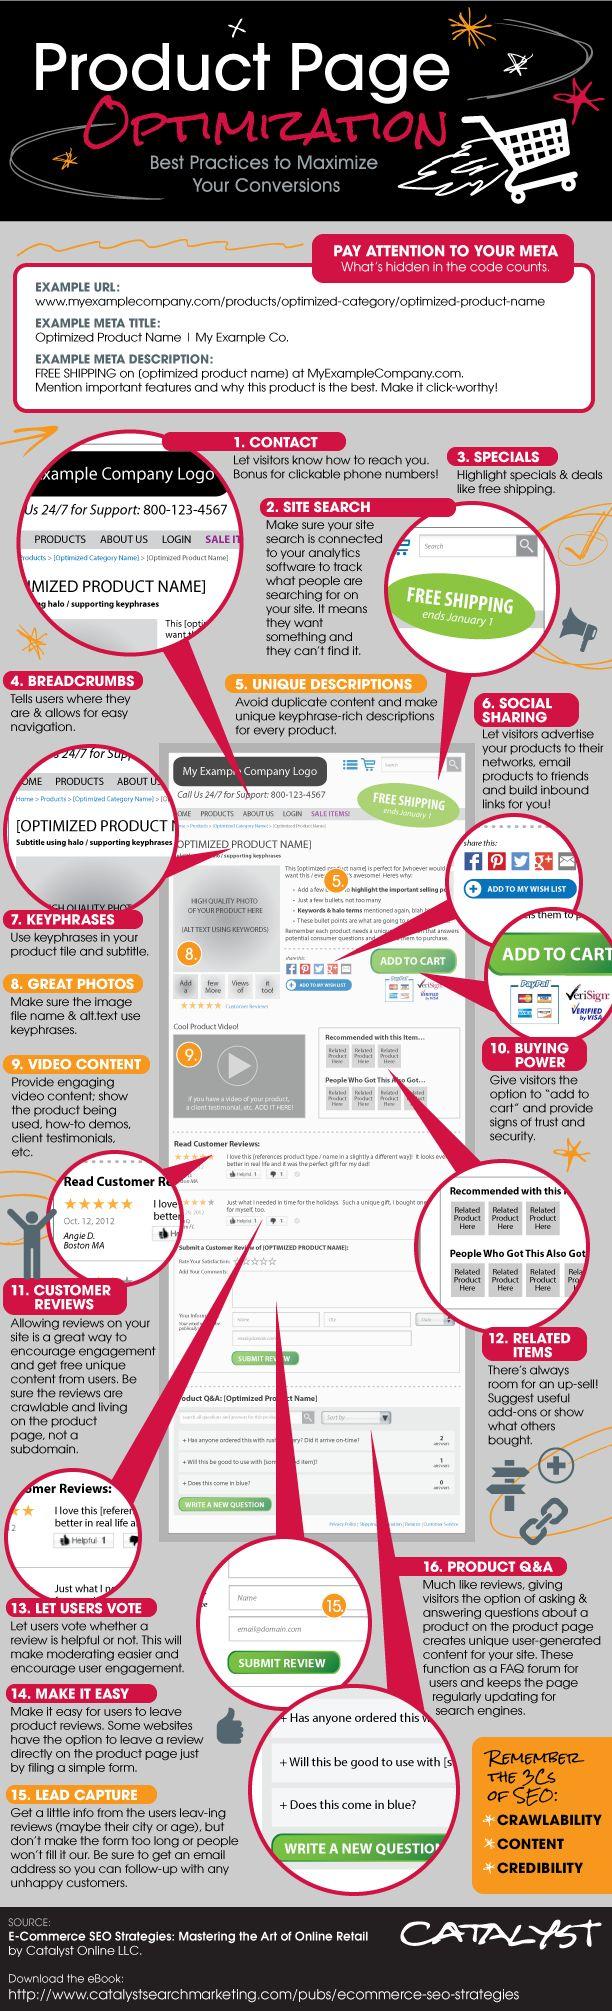 #Product Page Optimization Best Practices to Maximize Your #Conversions Optimisation des pages produits